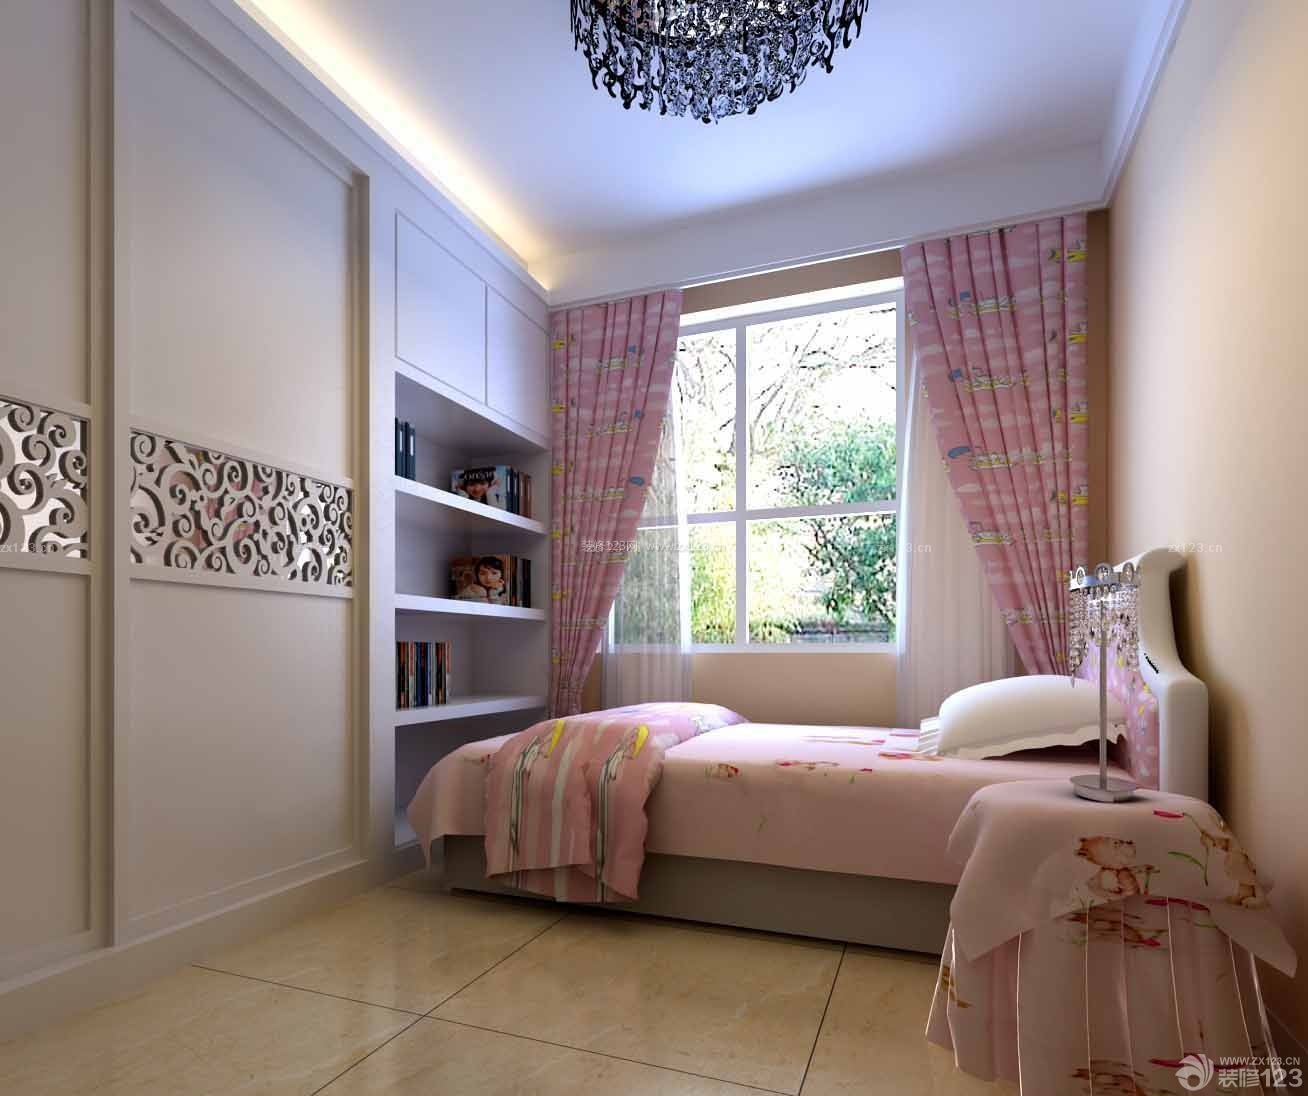 90平米复式房小型卧室装修效果图图片